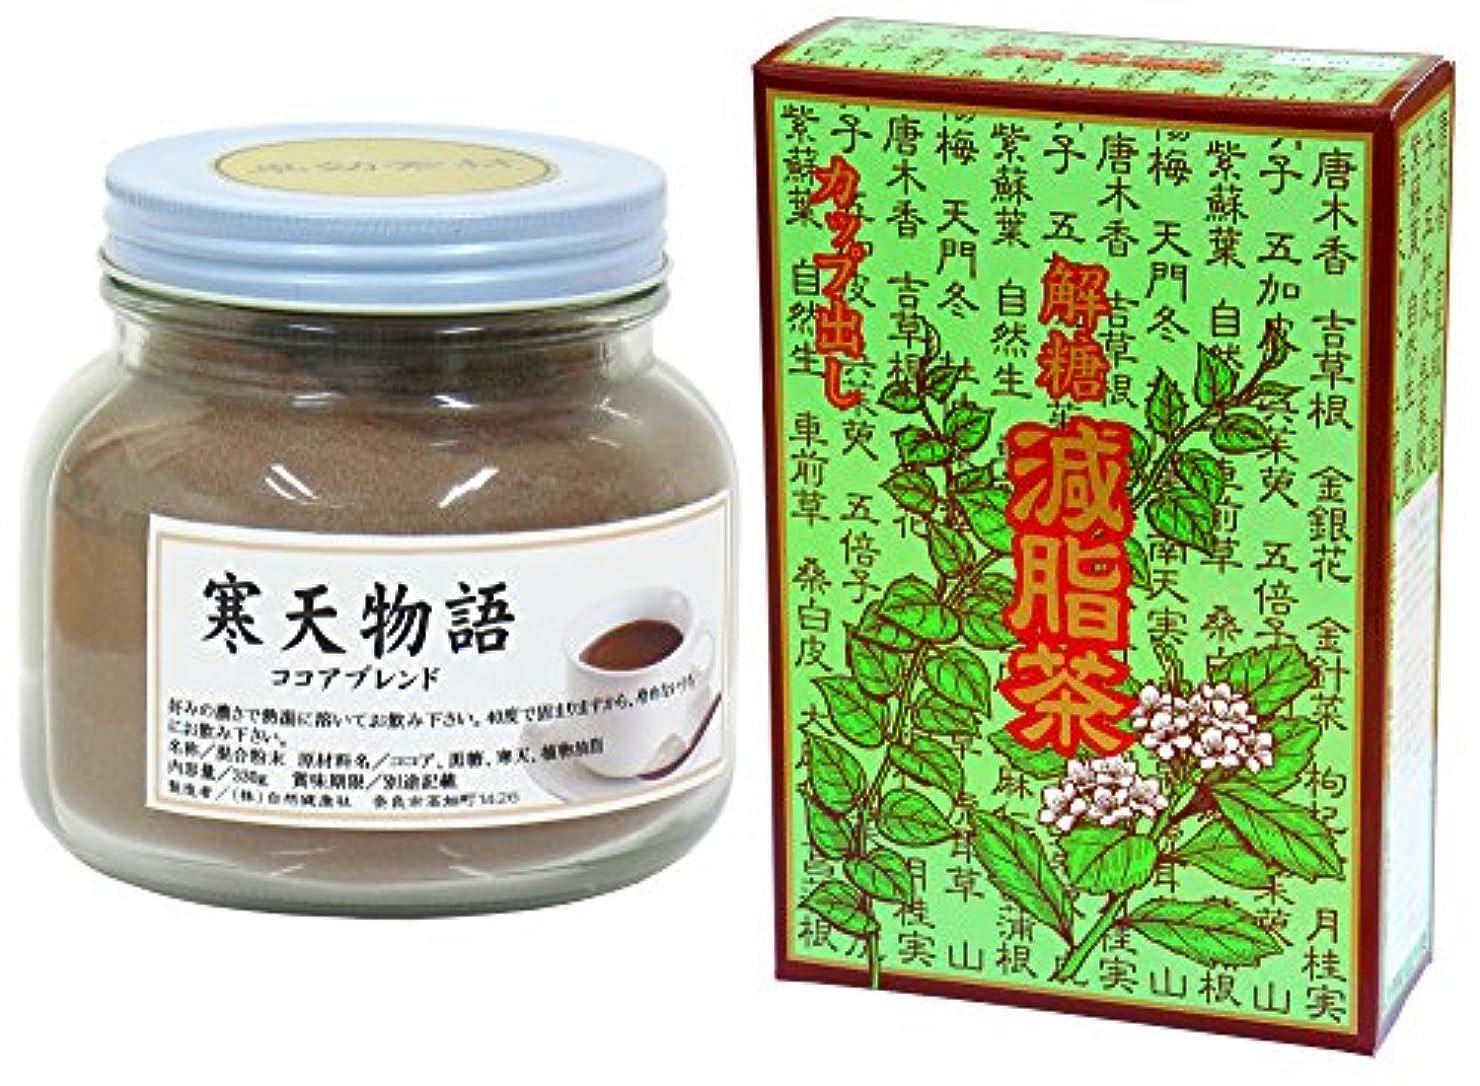 ゴシップ面白いレザー自然健康社 寒天ココア 330g + 減脂茶?箱 60パック